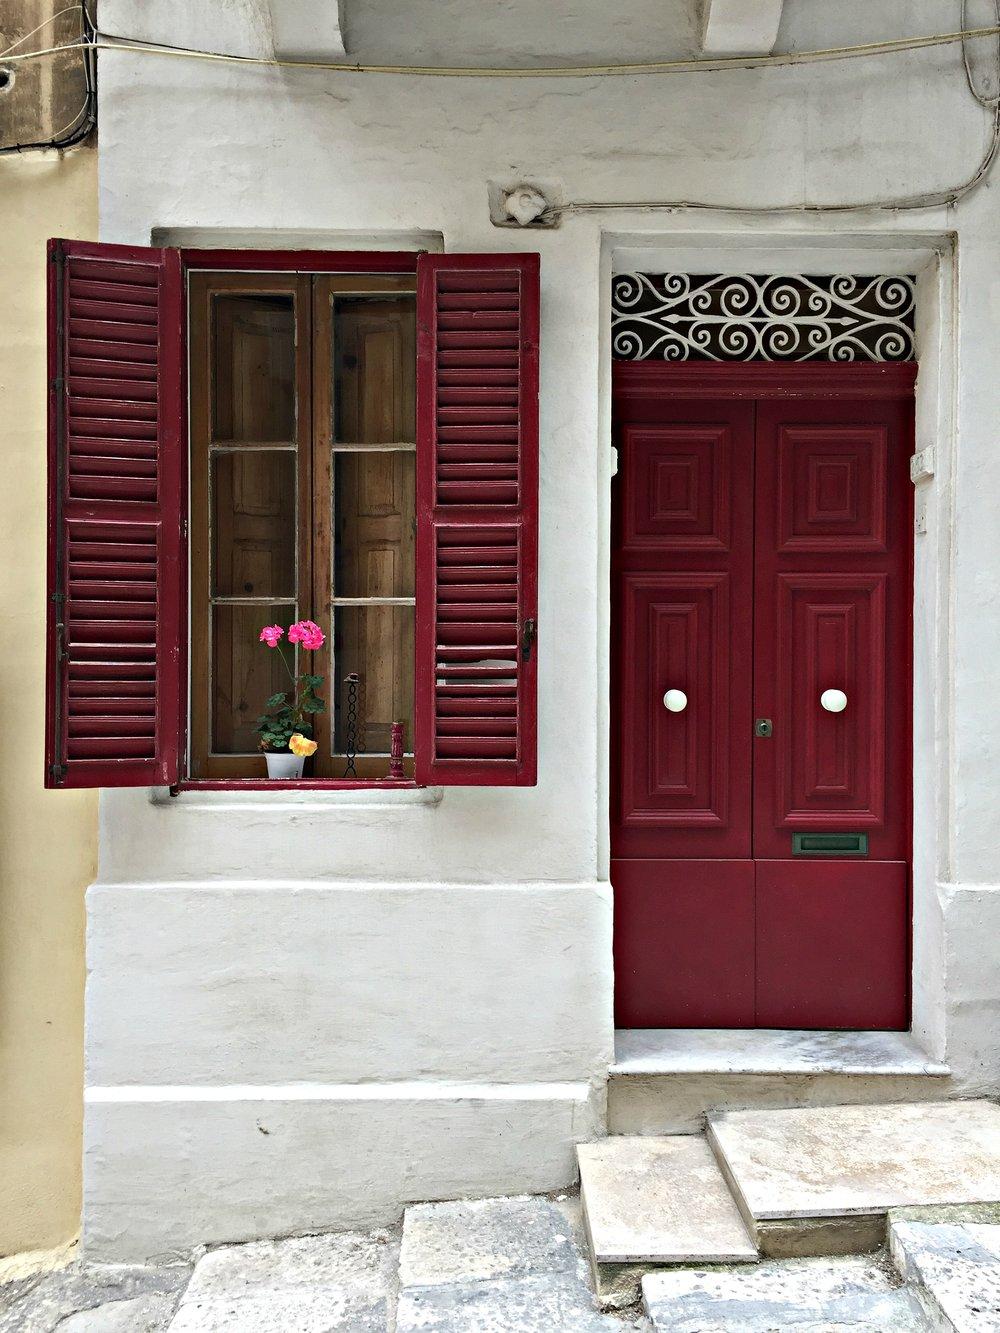 Red door and window in Valletta Malta